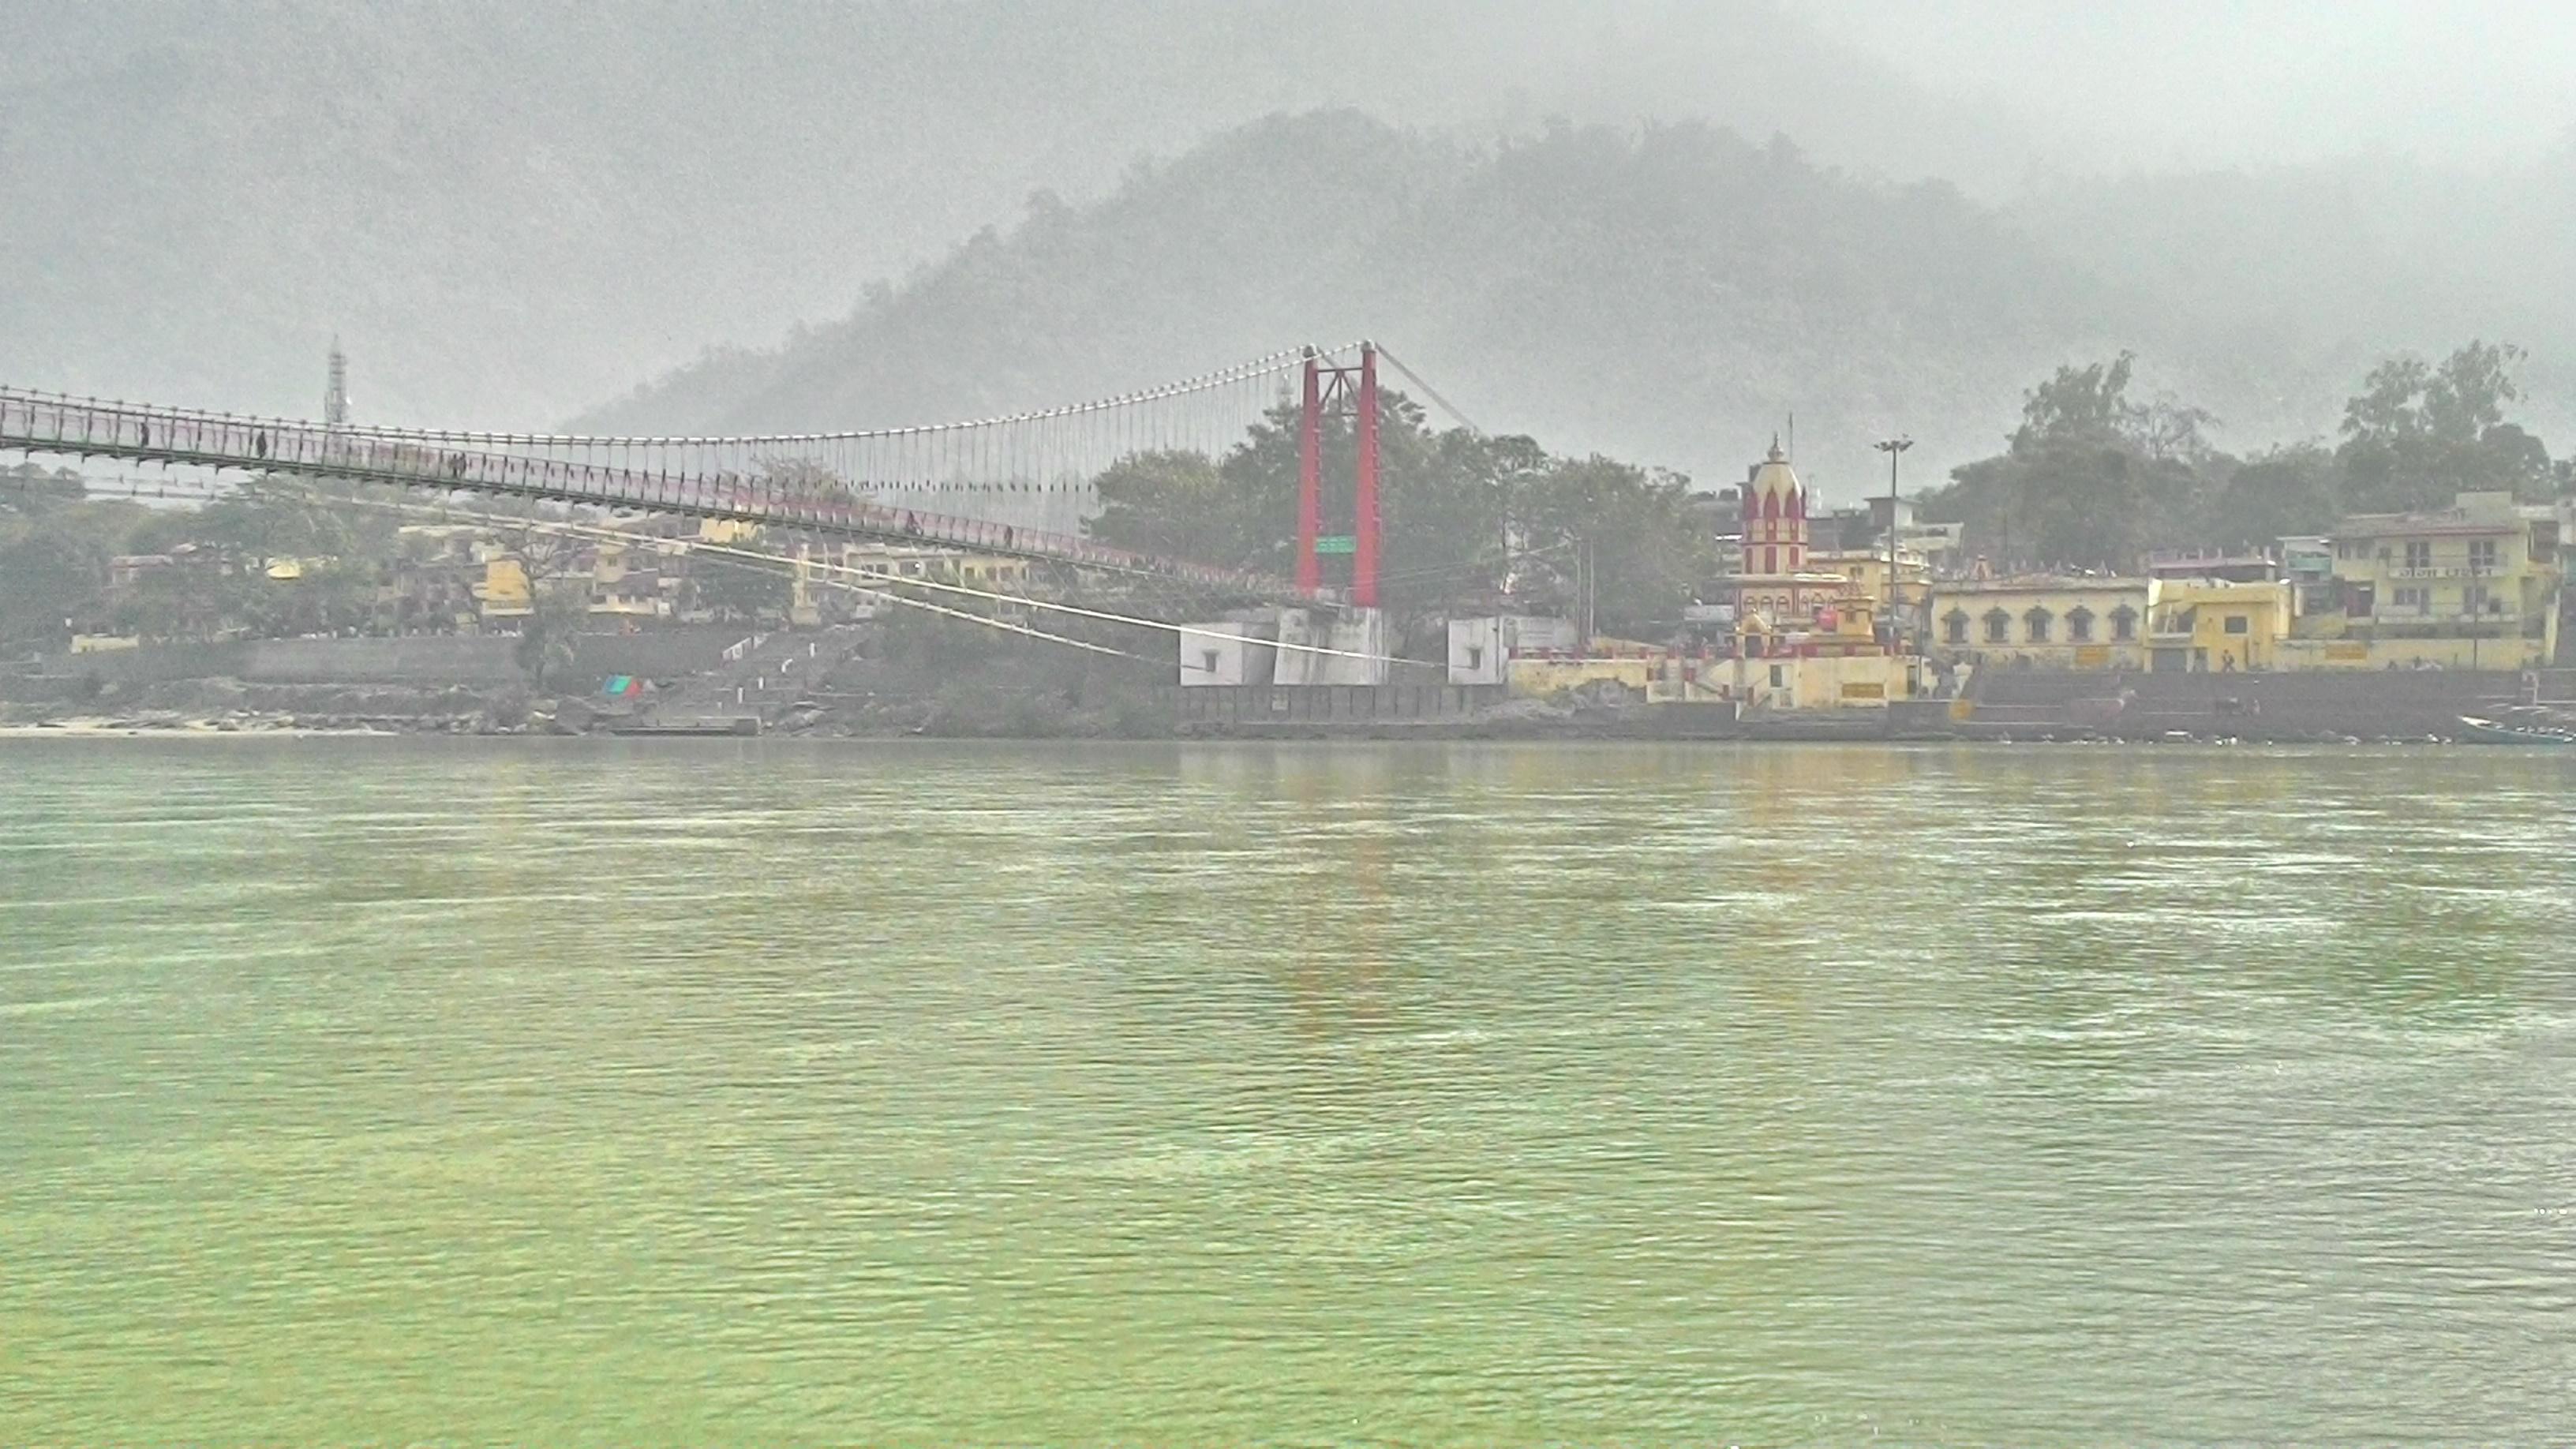 Rishikesh. Credit: Kumar Gautam